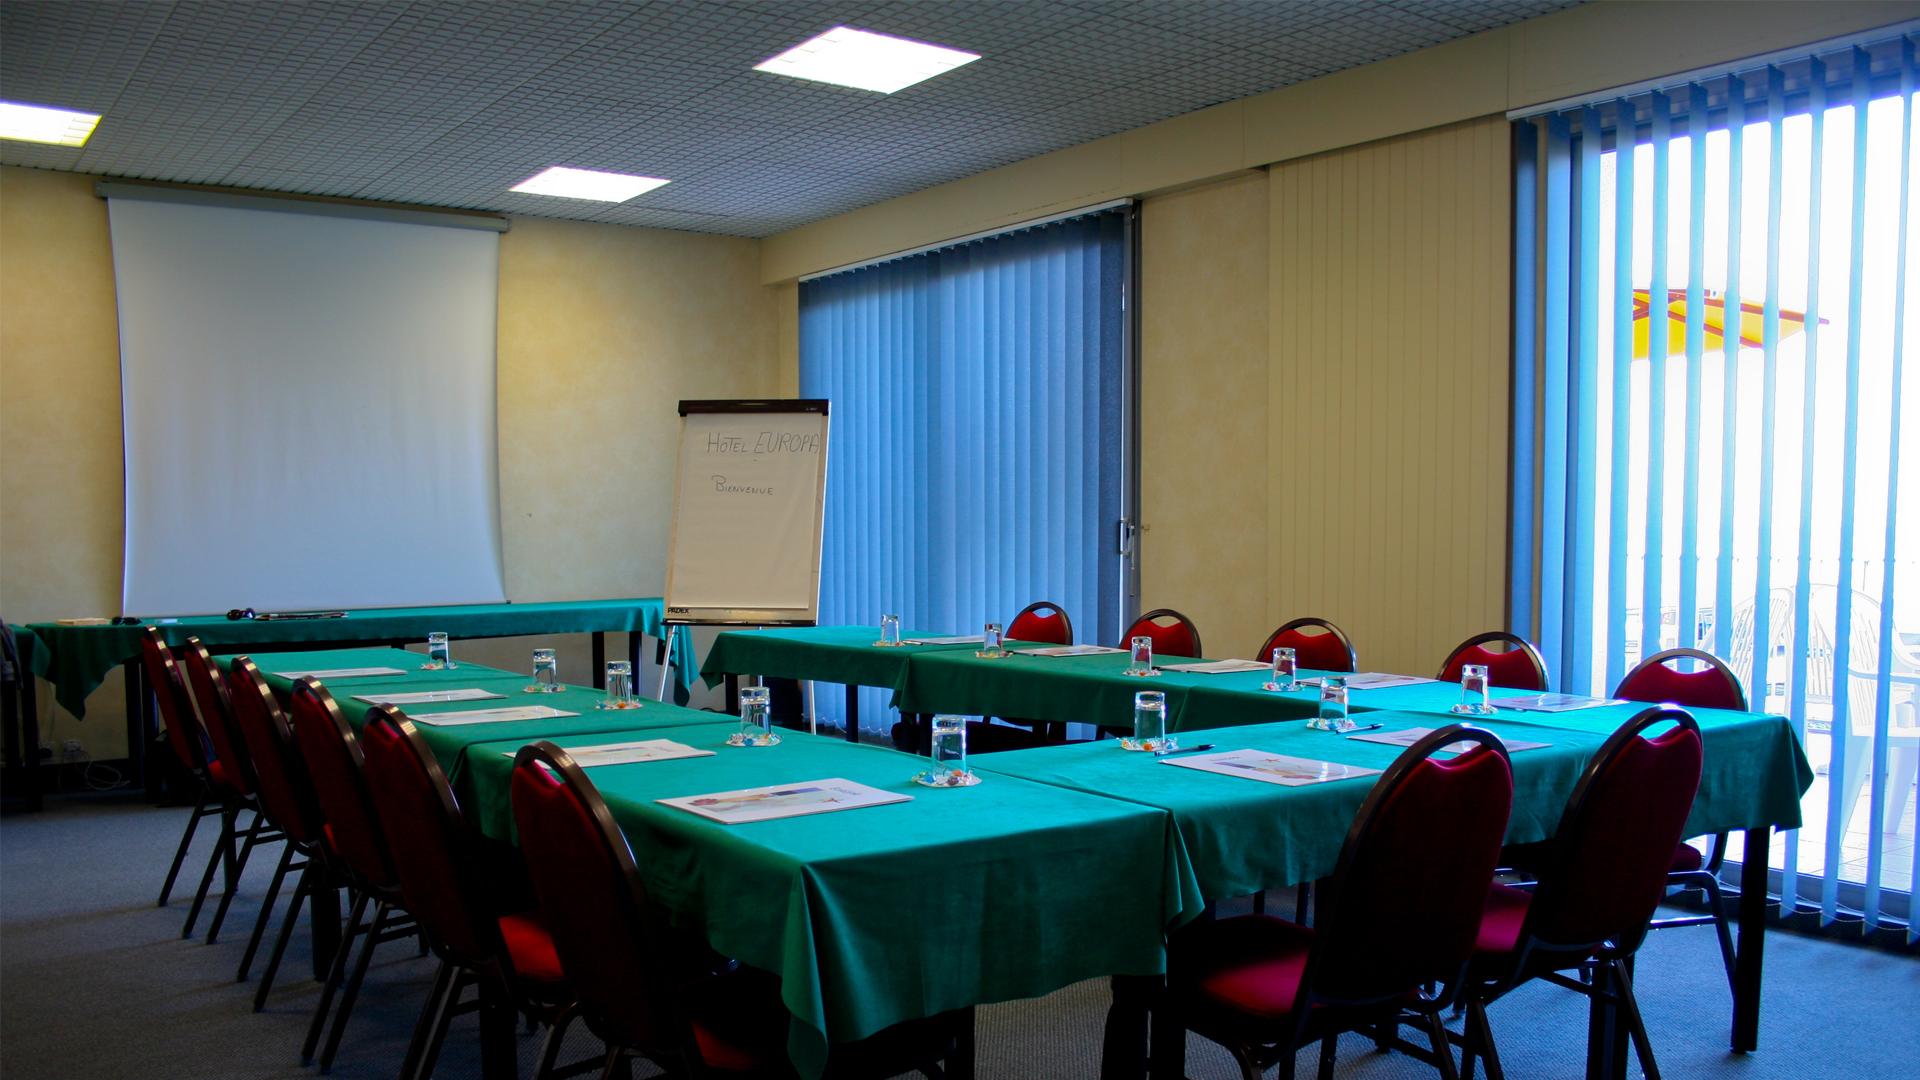 hotel-europa-restaurant-caroussel-seminaire1-ok